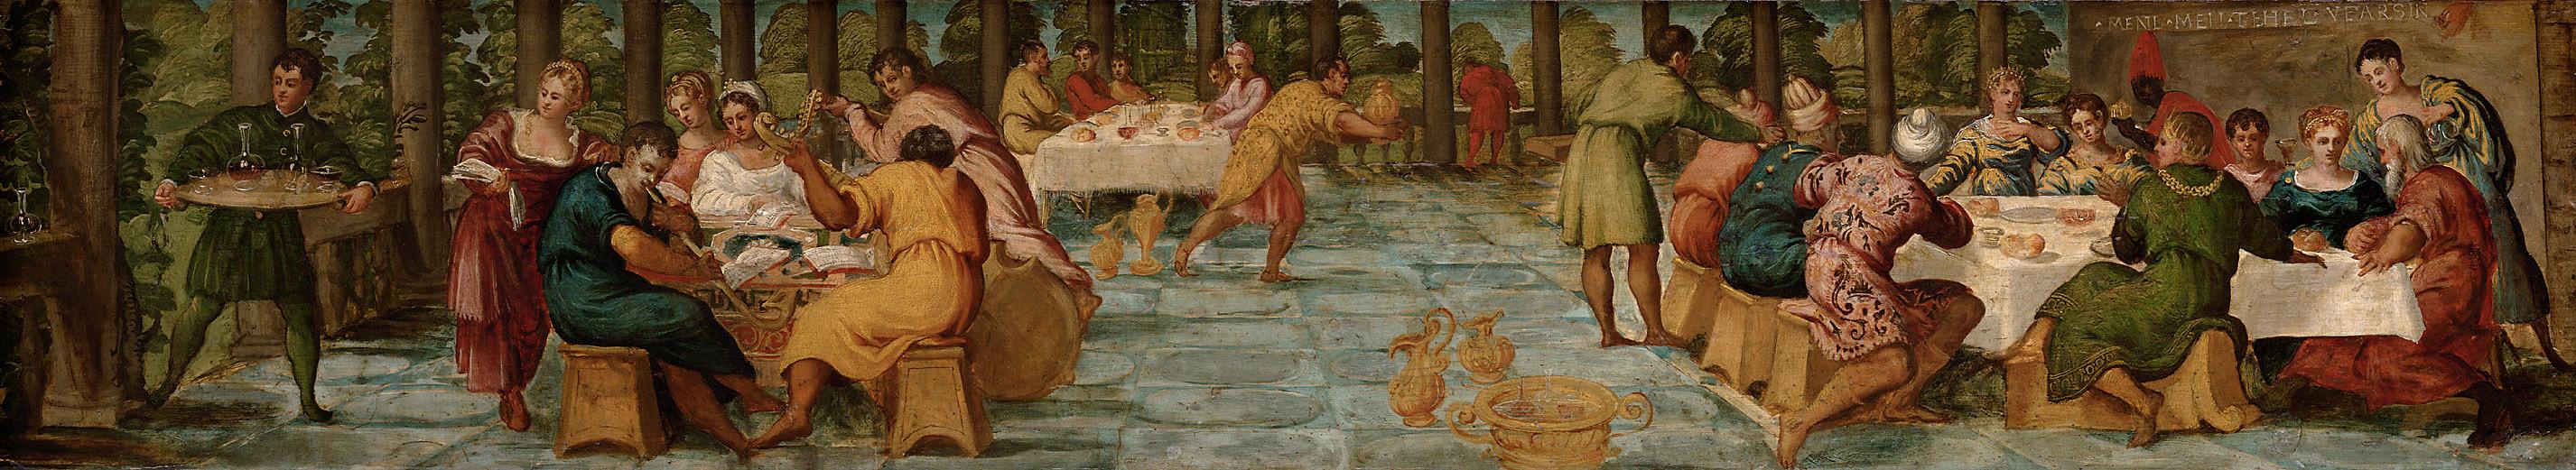 Gastmahl des Königs Belsazar von Jacopo Robusti, gen. Tintoretto